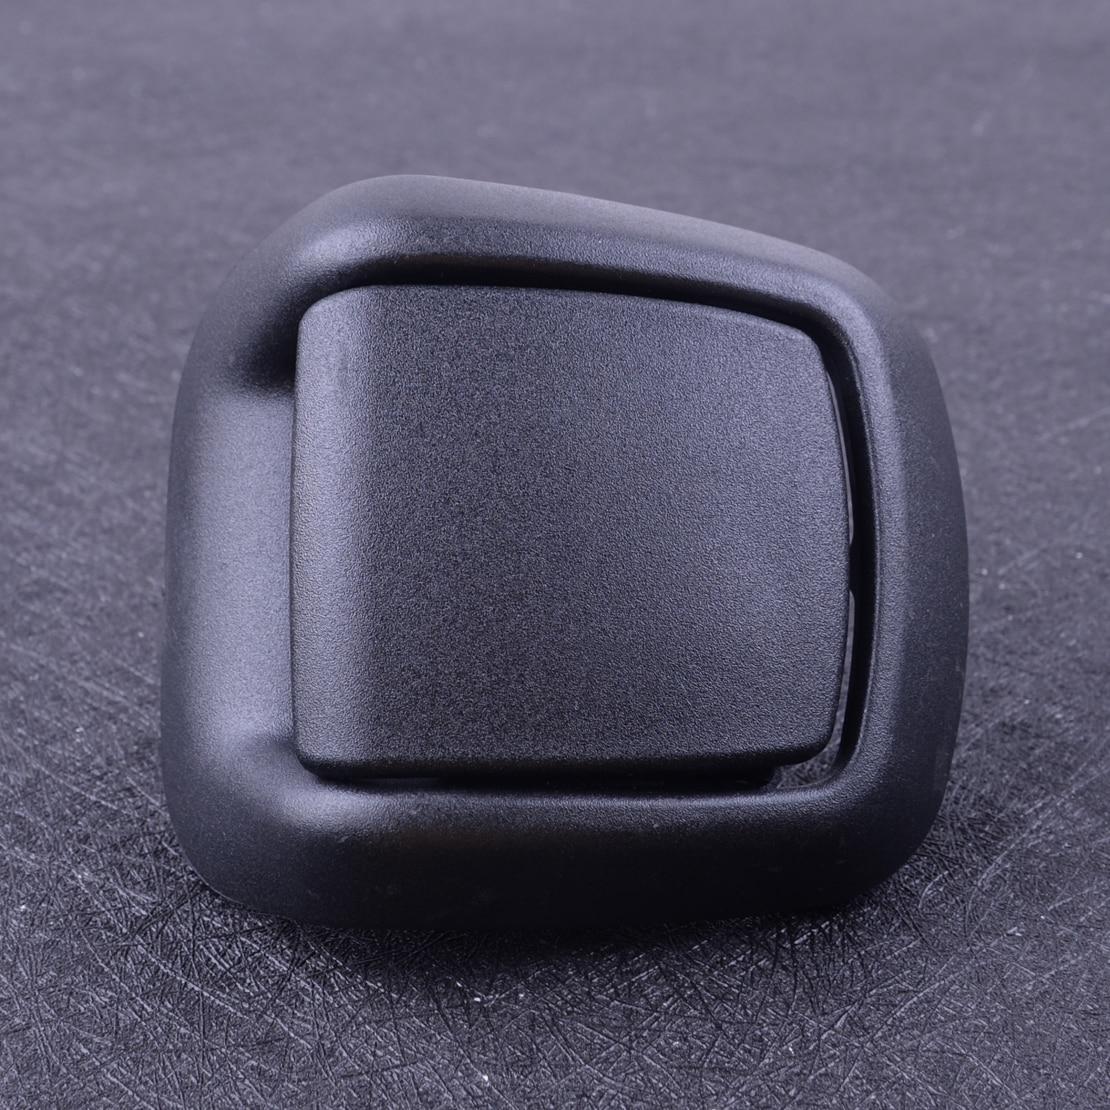 DWCX Black Car Side Front Right Seat Tilt Handle 1417520 Fit For Ford Fiesta MK6 VI 3 Door 2002 2003 2004 2005 2006 2007 2008